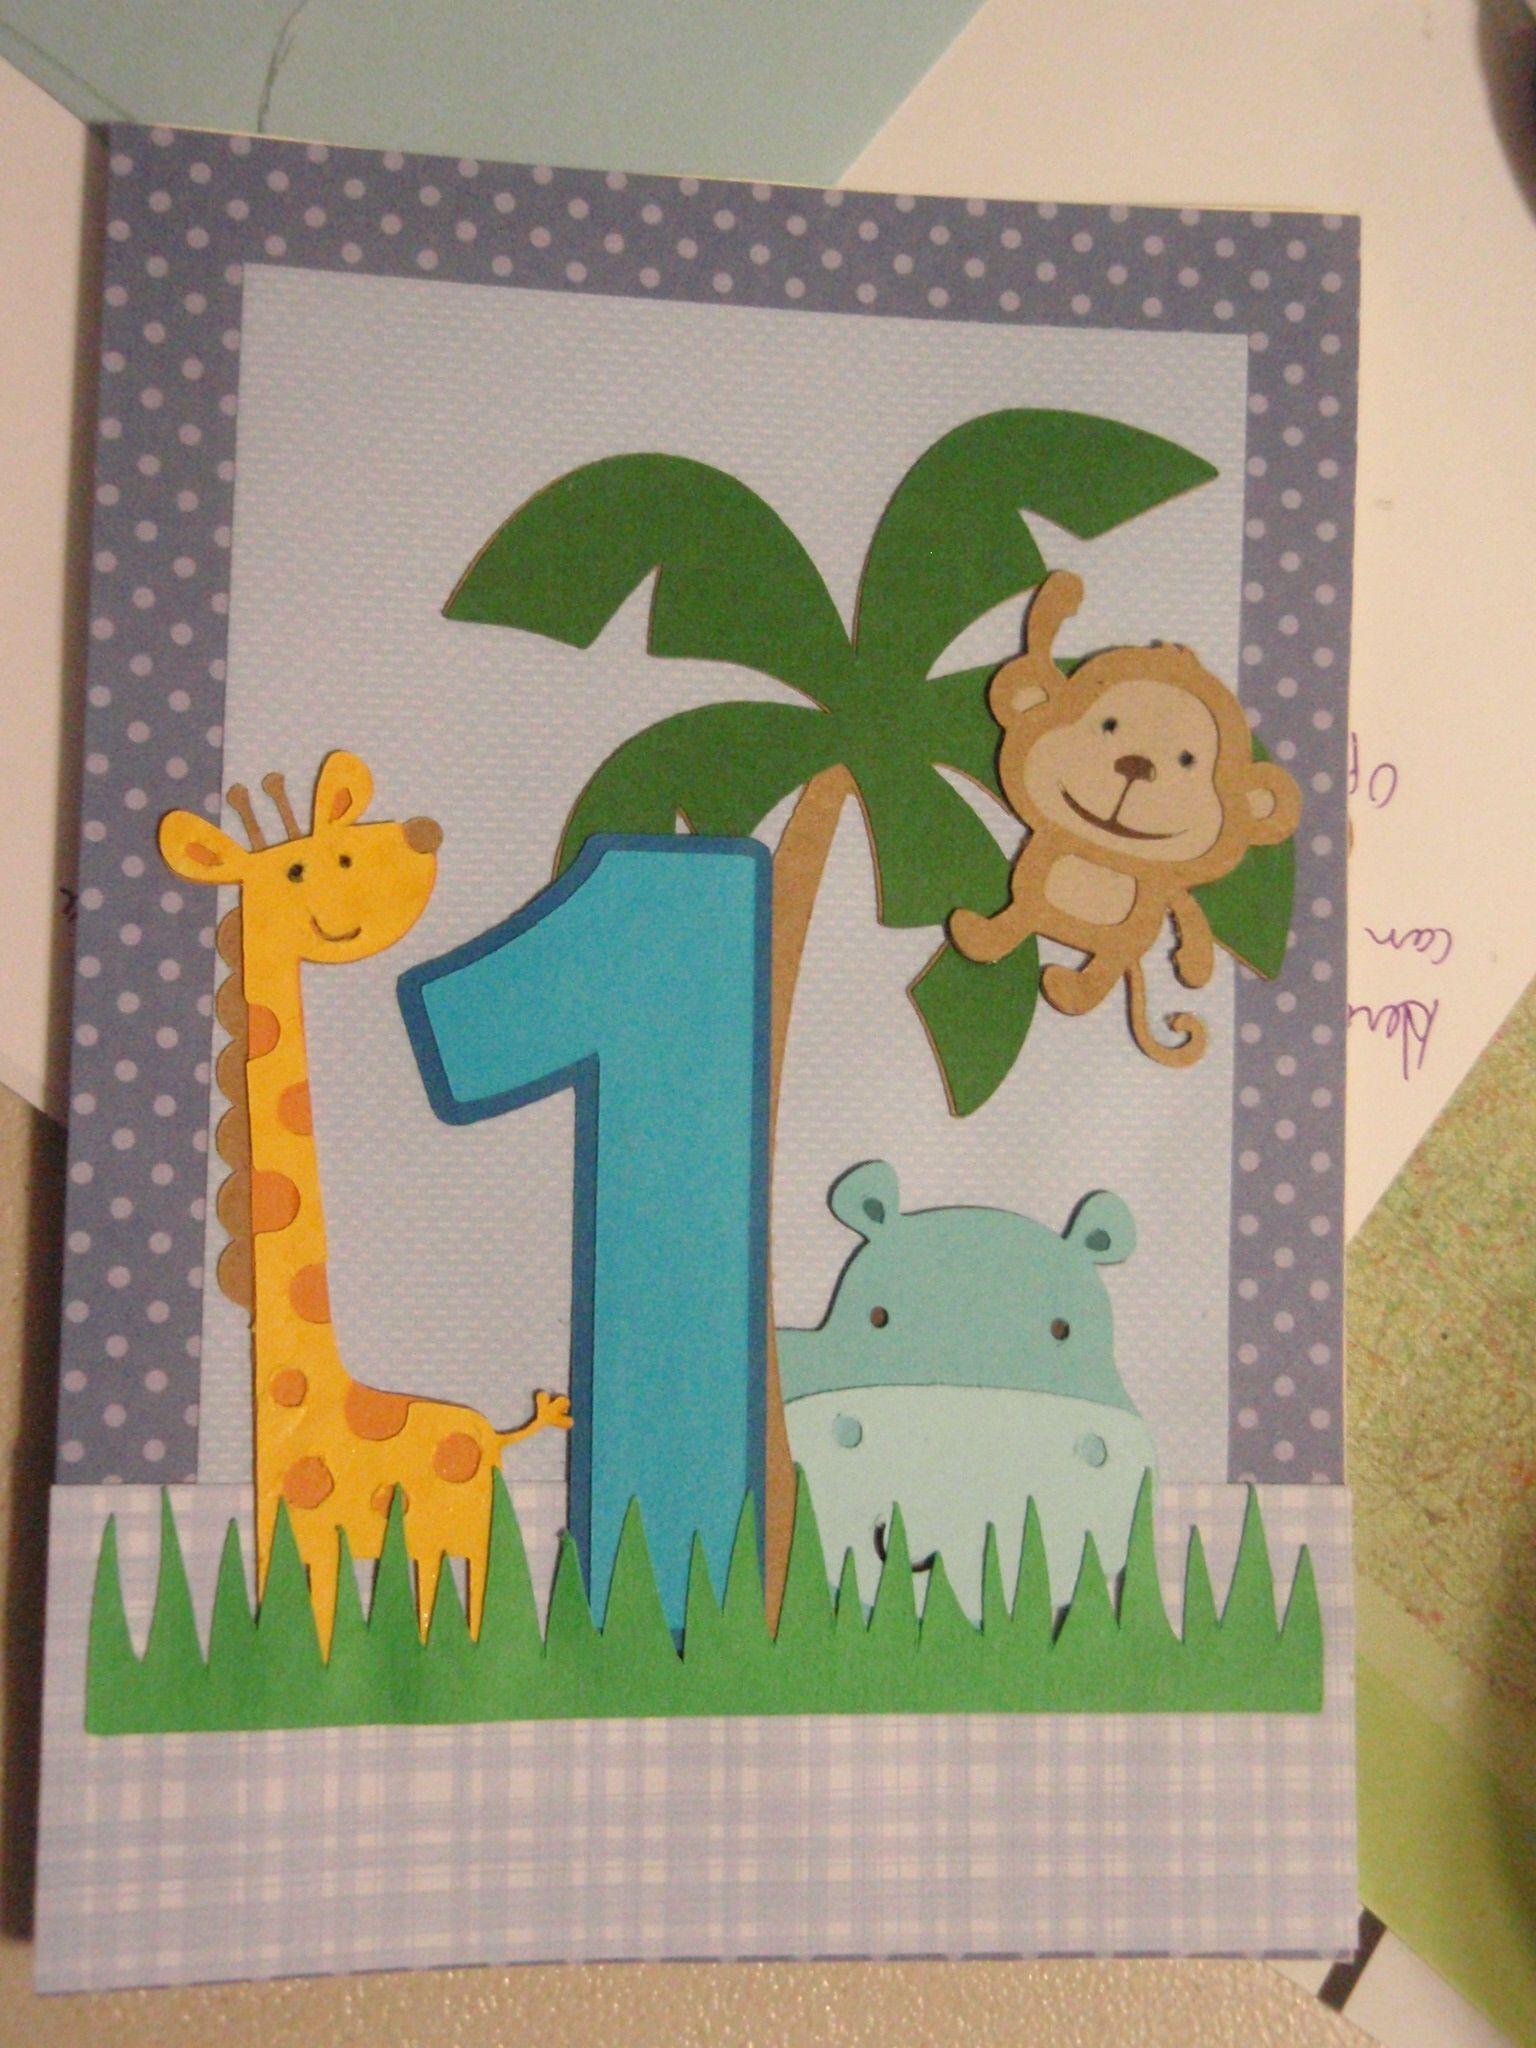 Najdeno V Bingu Prek Domene Www Pinterest Co Uk Old Birthday Cards First Birthday Cards 1st Birthday Cards